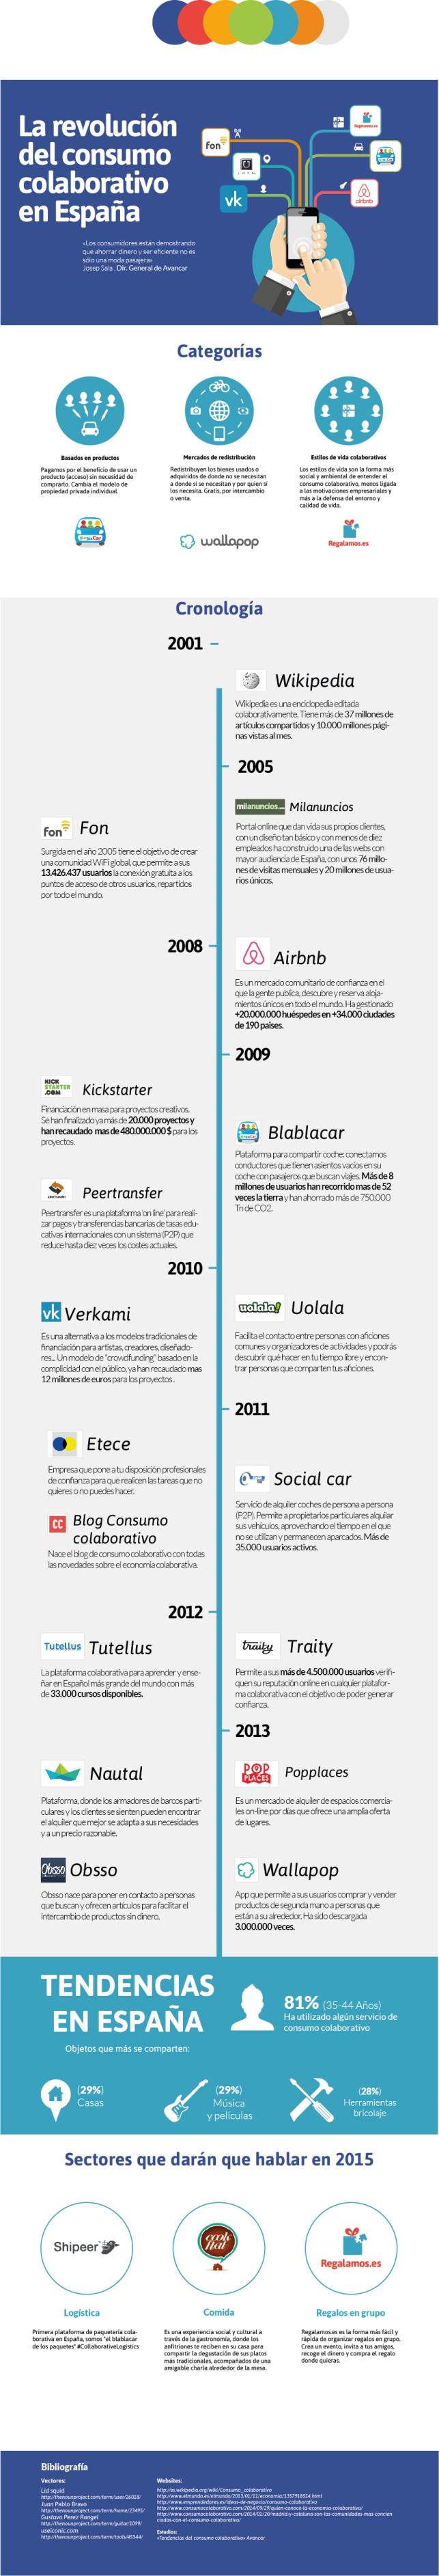 Cronologia Consumo Colaborativo